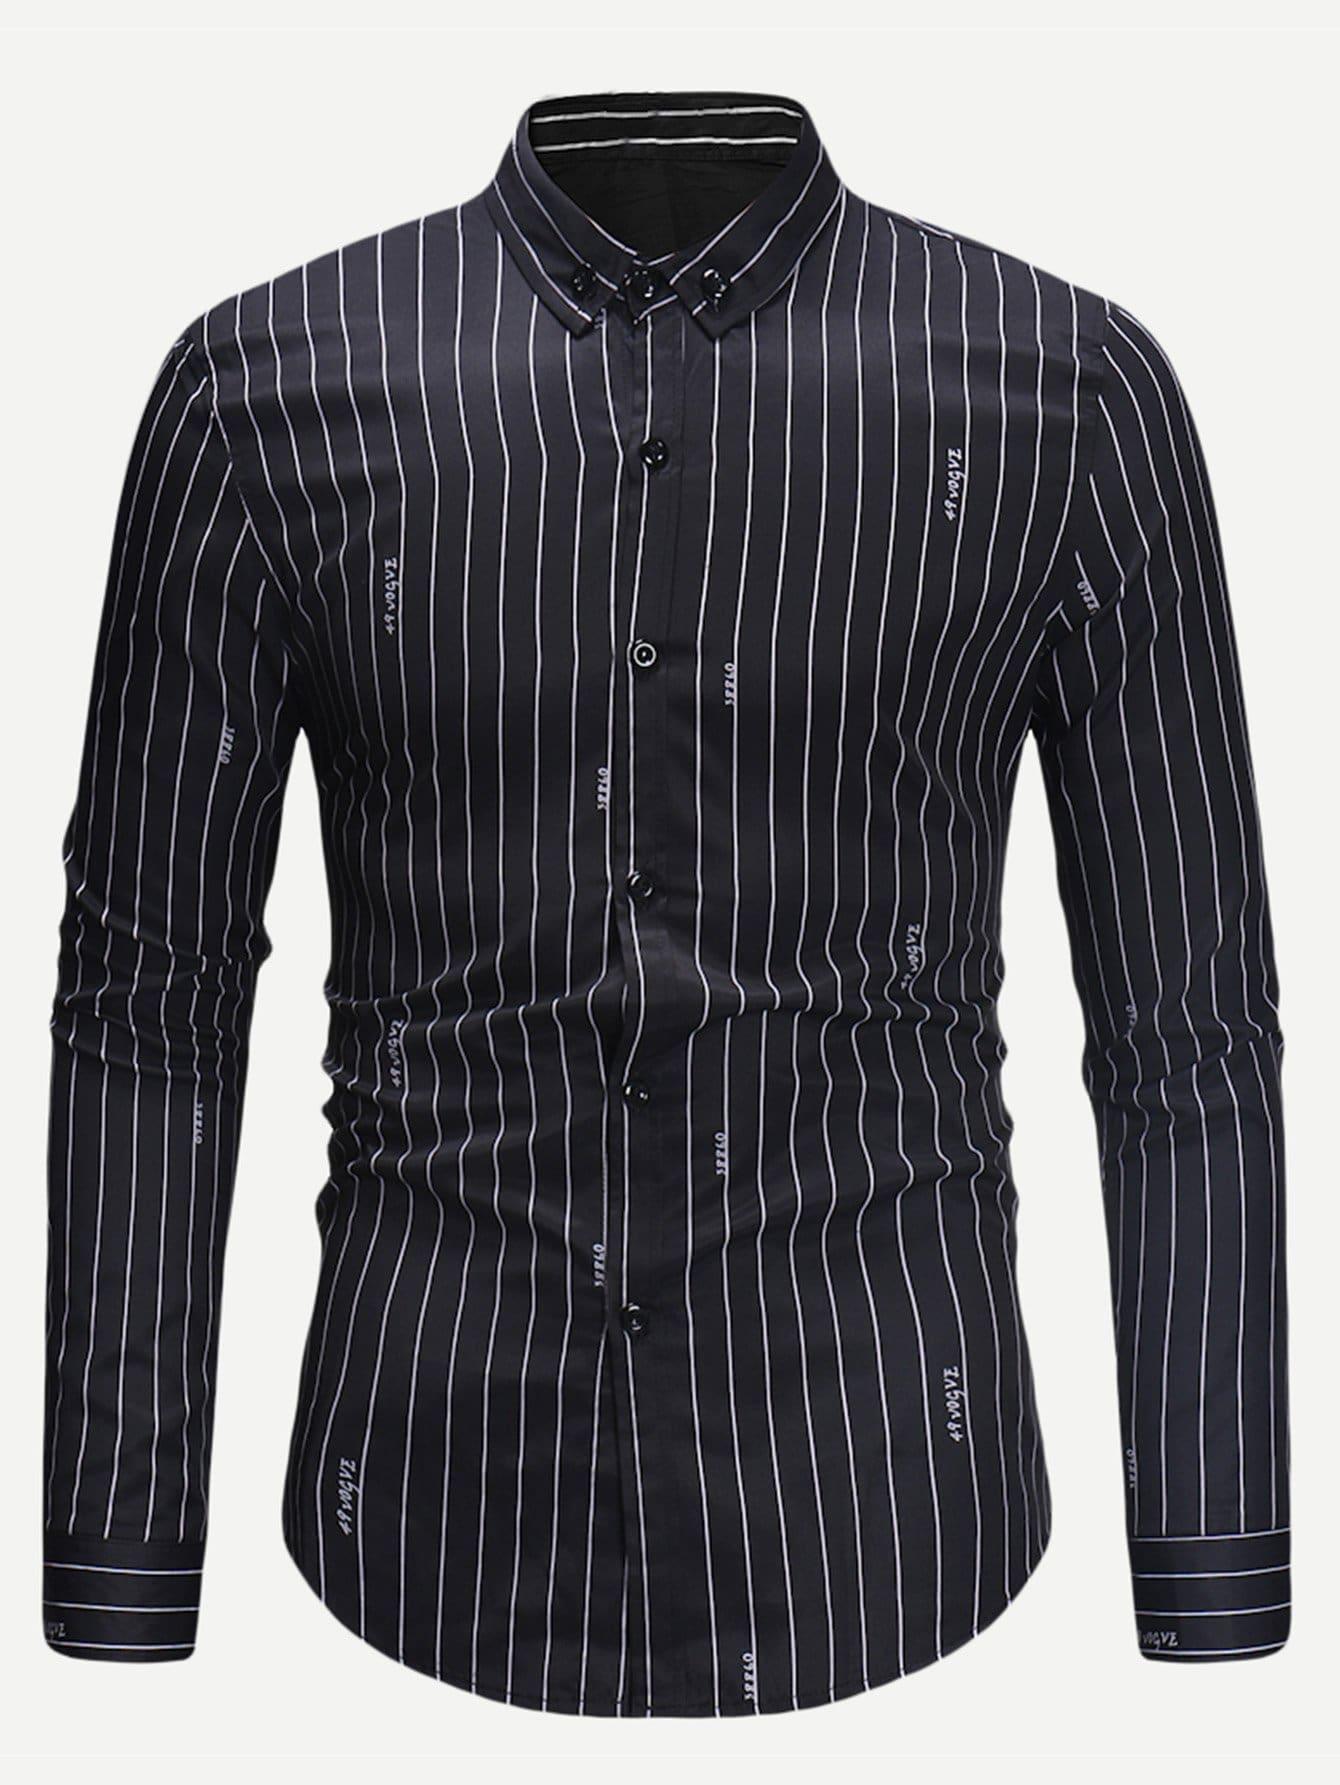 Купить Мужская полосатая футболка с принтом букв, null, SheIn